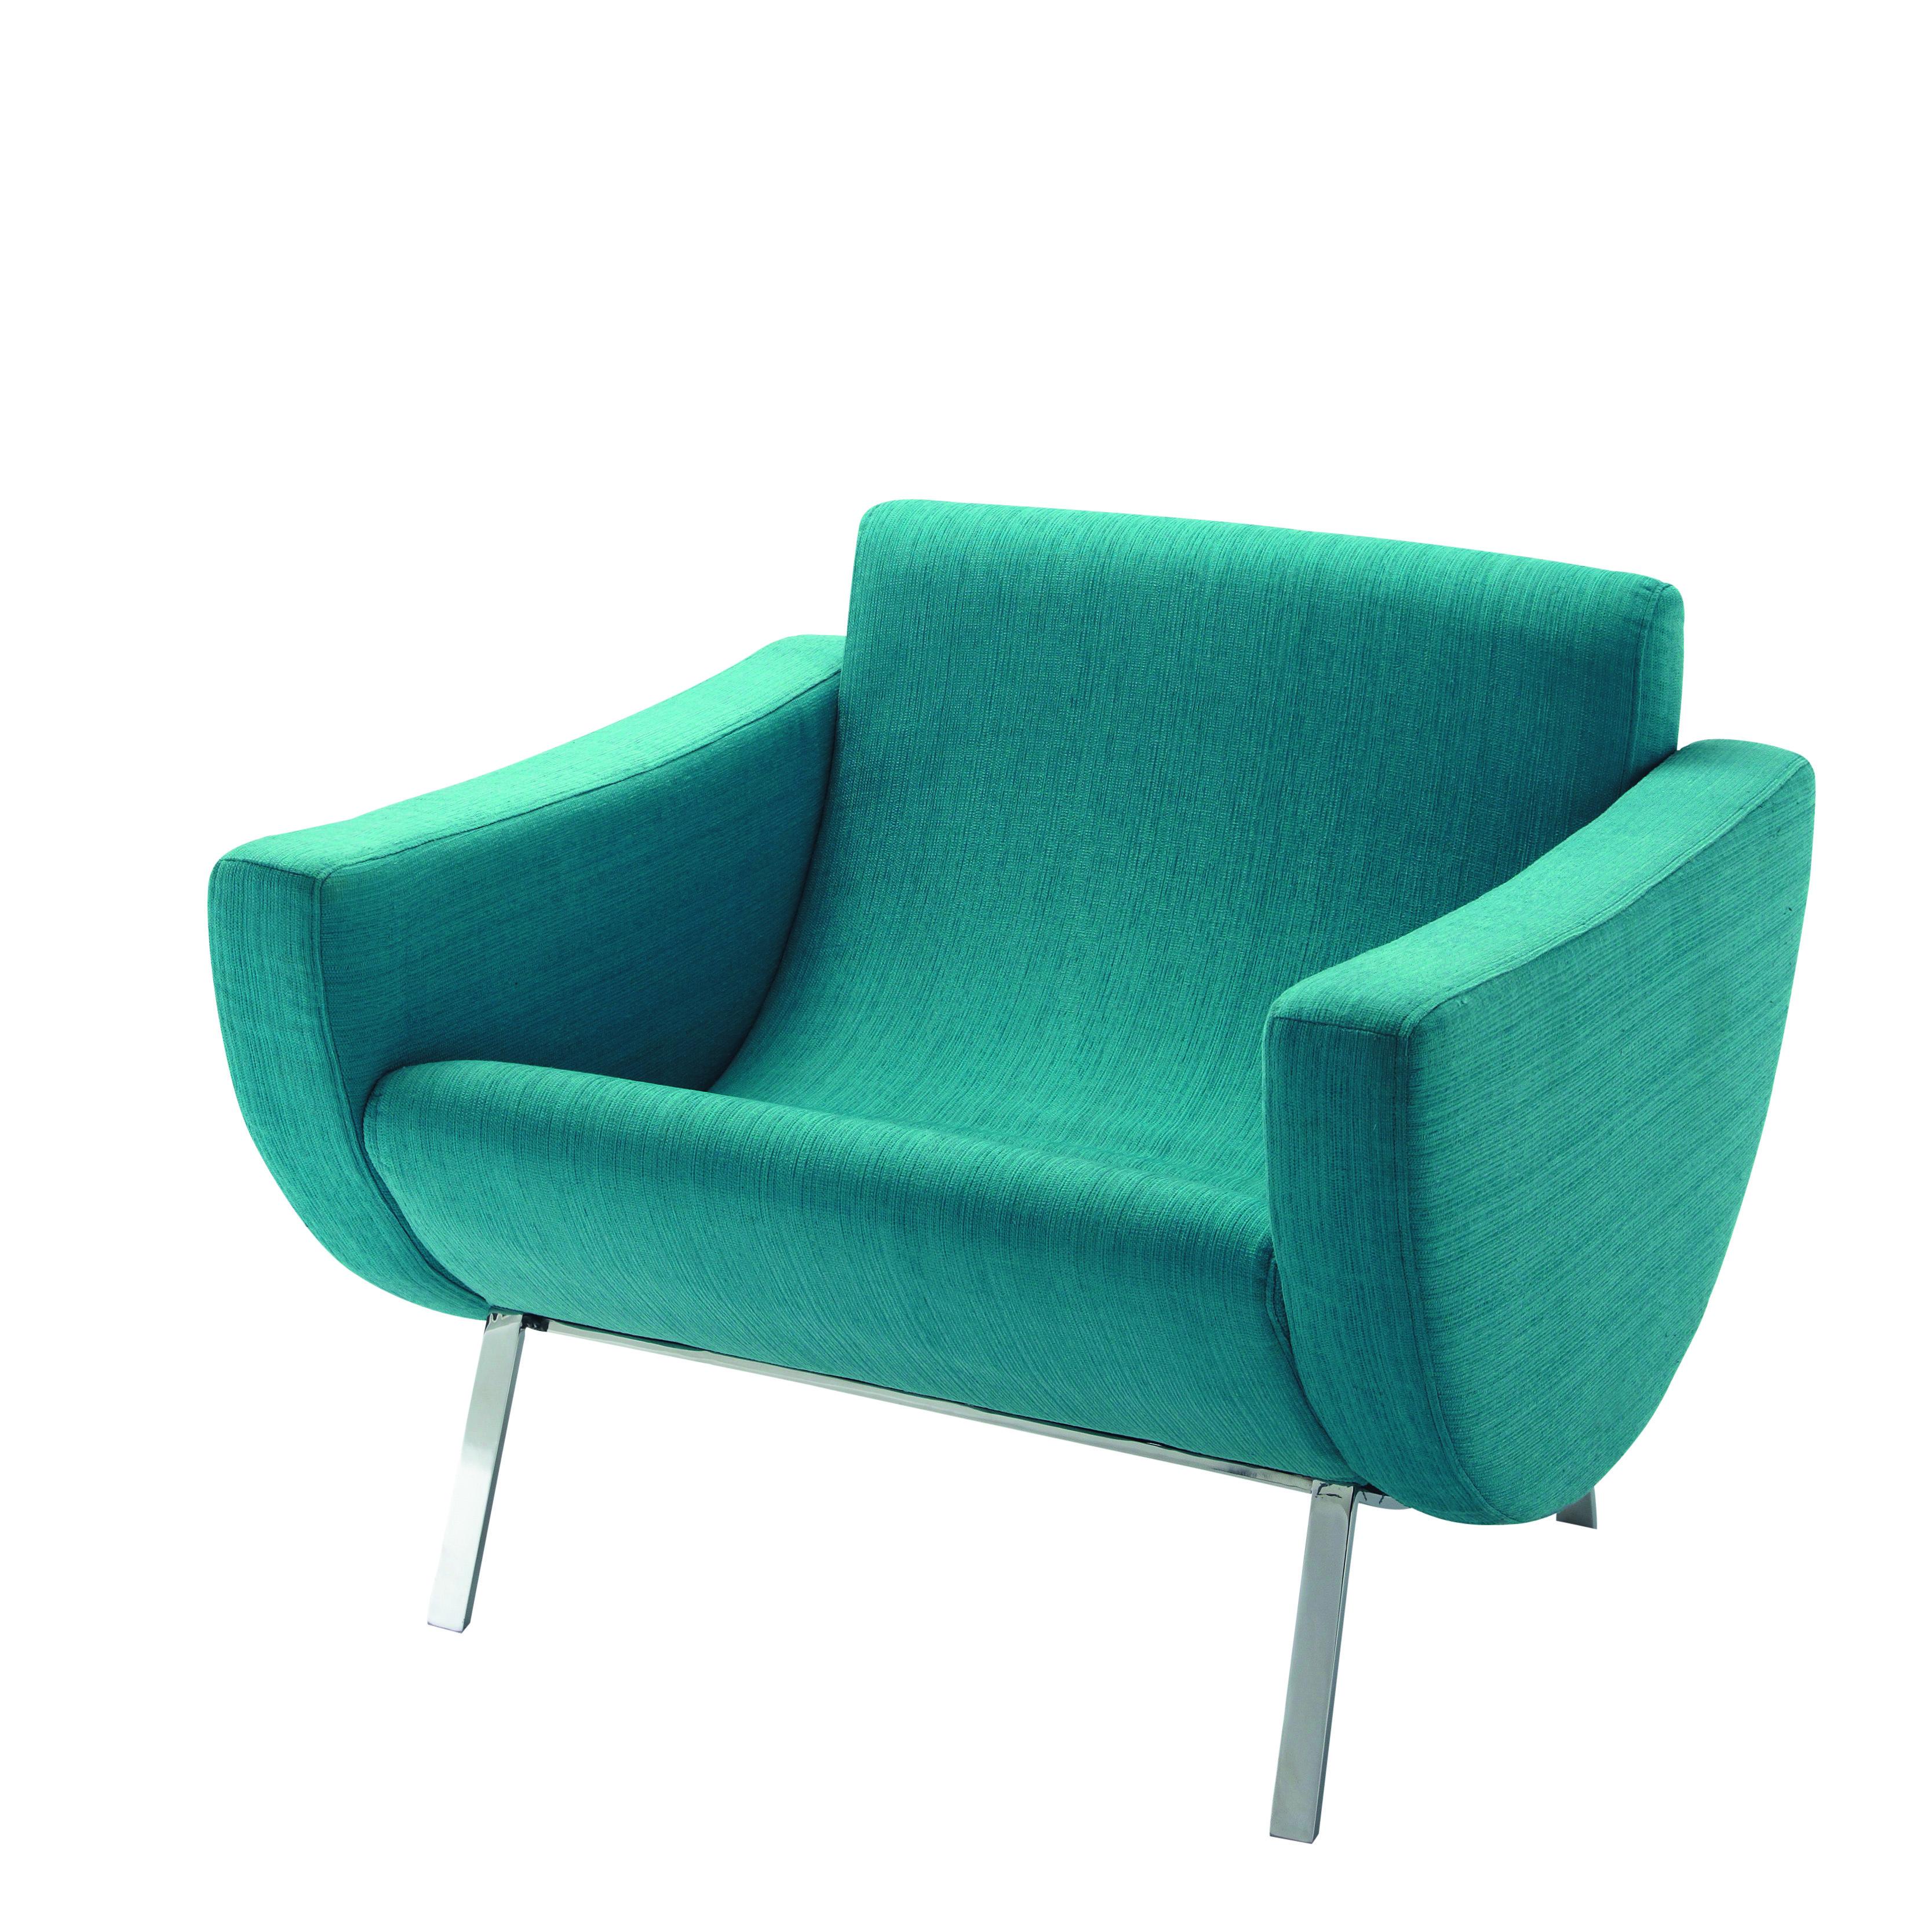 Maison du monde fauteuils perfect fauteuil porto vecchio - Fauteuil baroque maison du monde ...